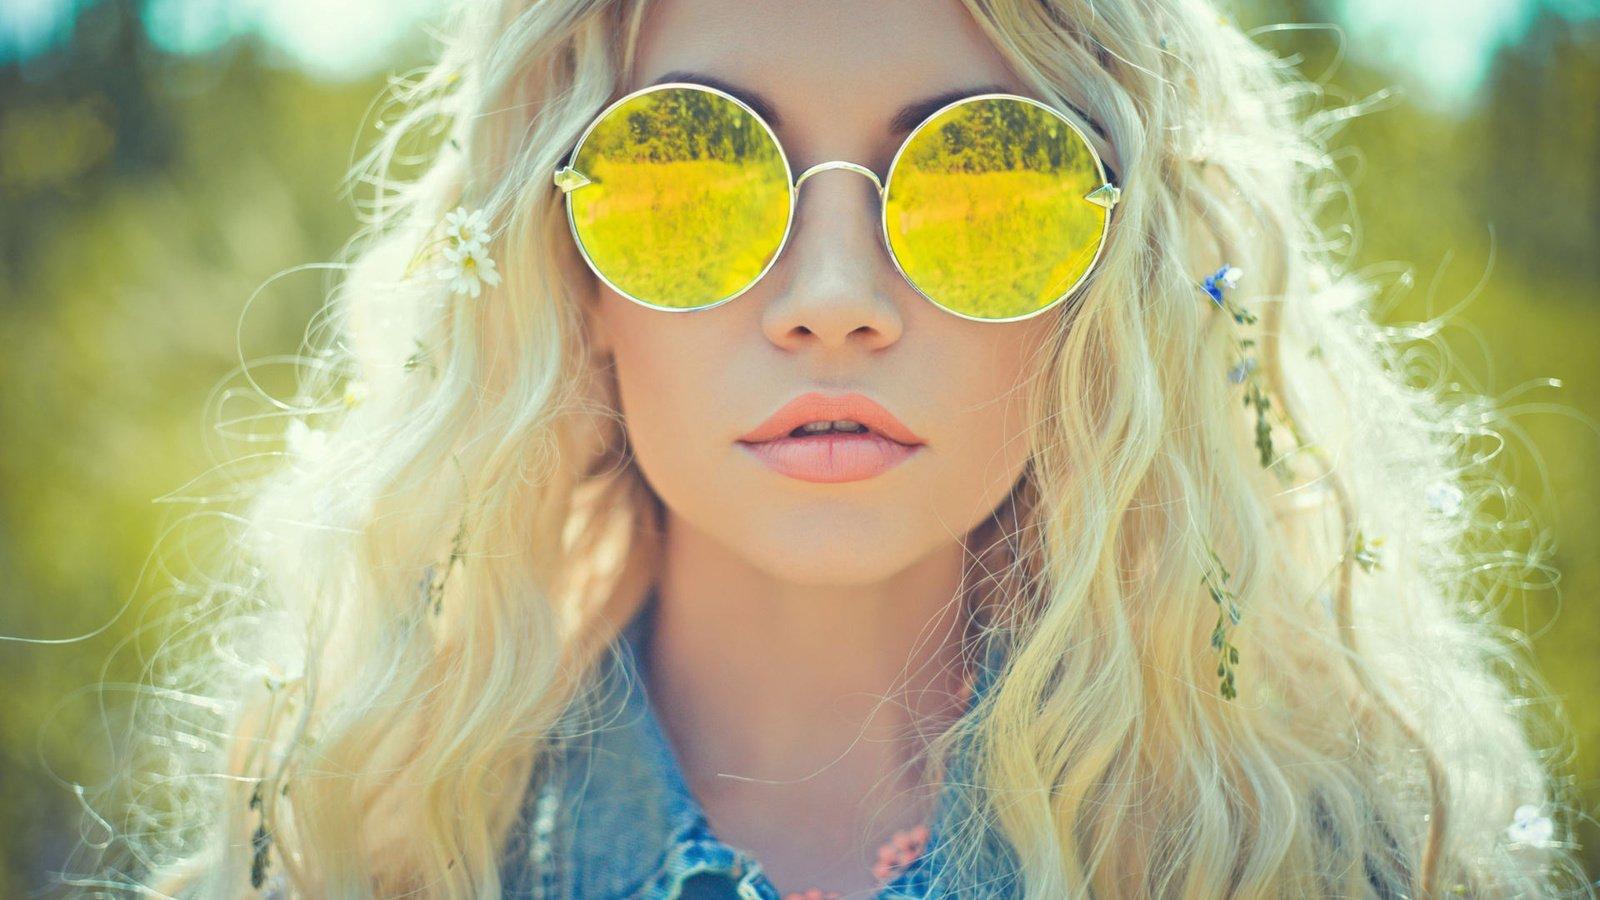 как сделать красивый портрет в солнечных очках